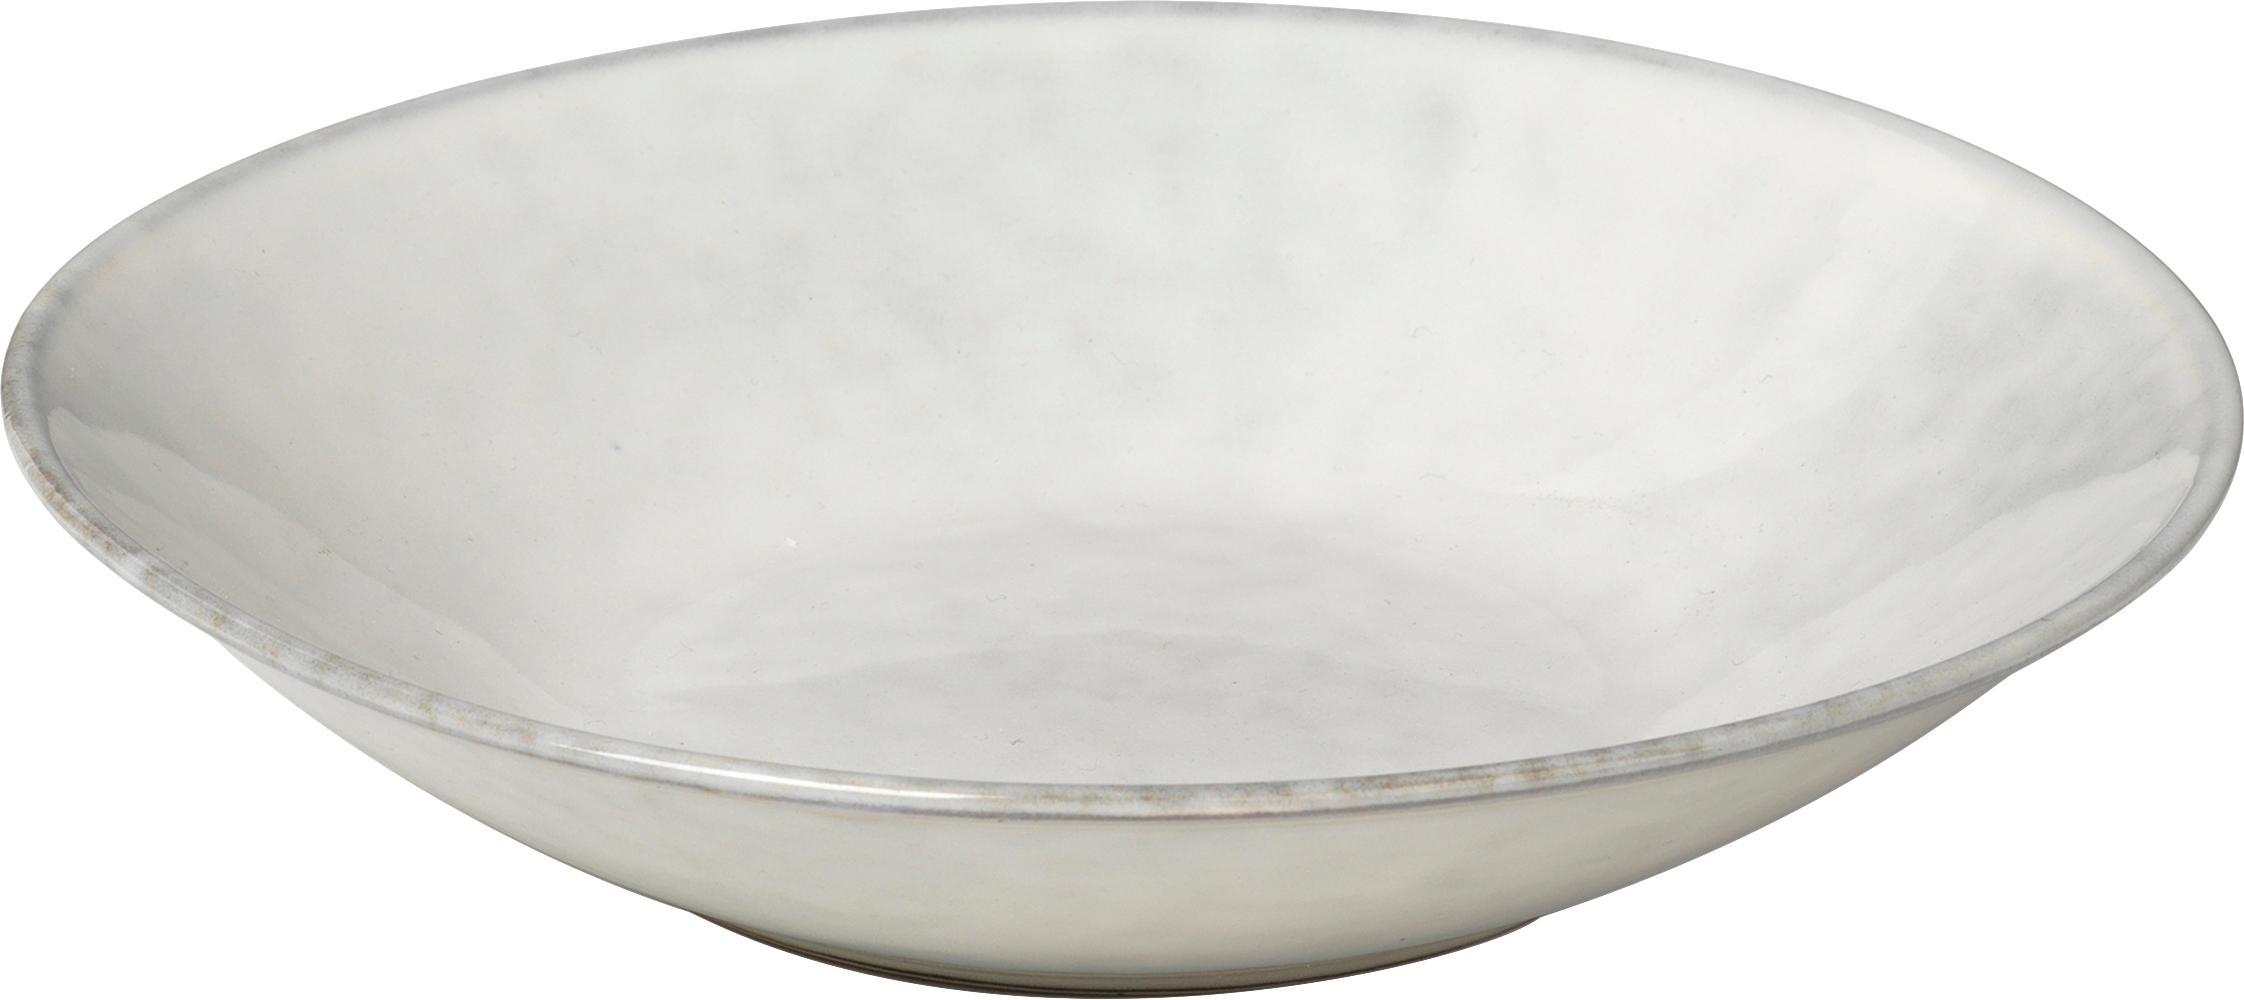 Ręcznie wykonany talerz głęboki z kamionki Nordic Sand, 4 szt., Kamionka, Piaskowy, Ø 22 x W 5 cm